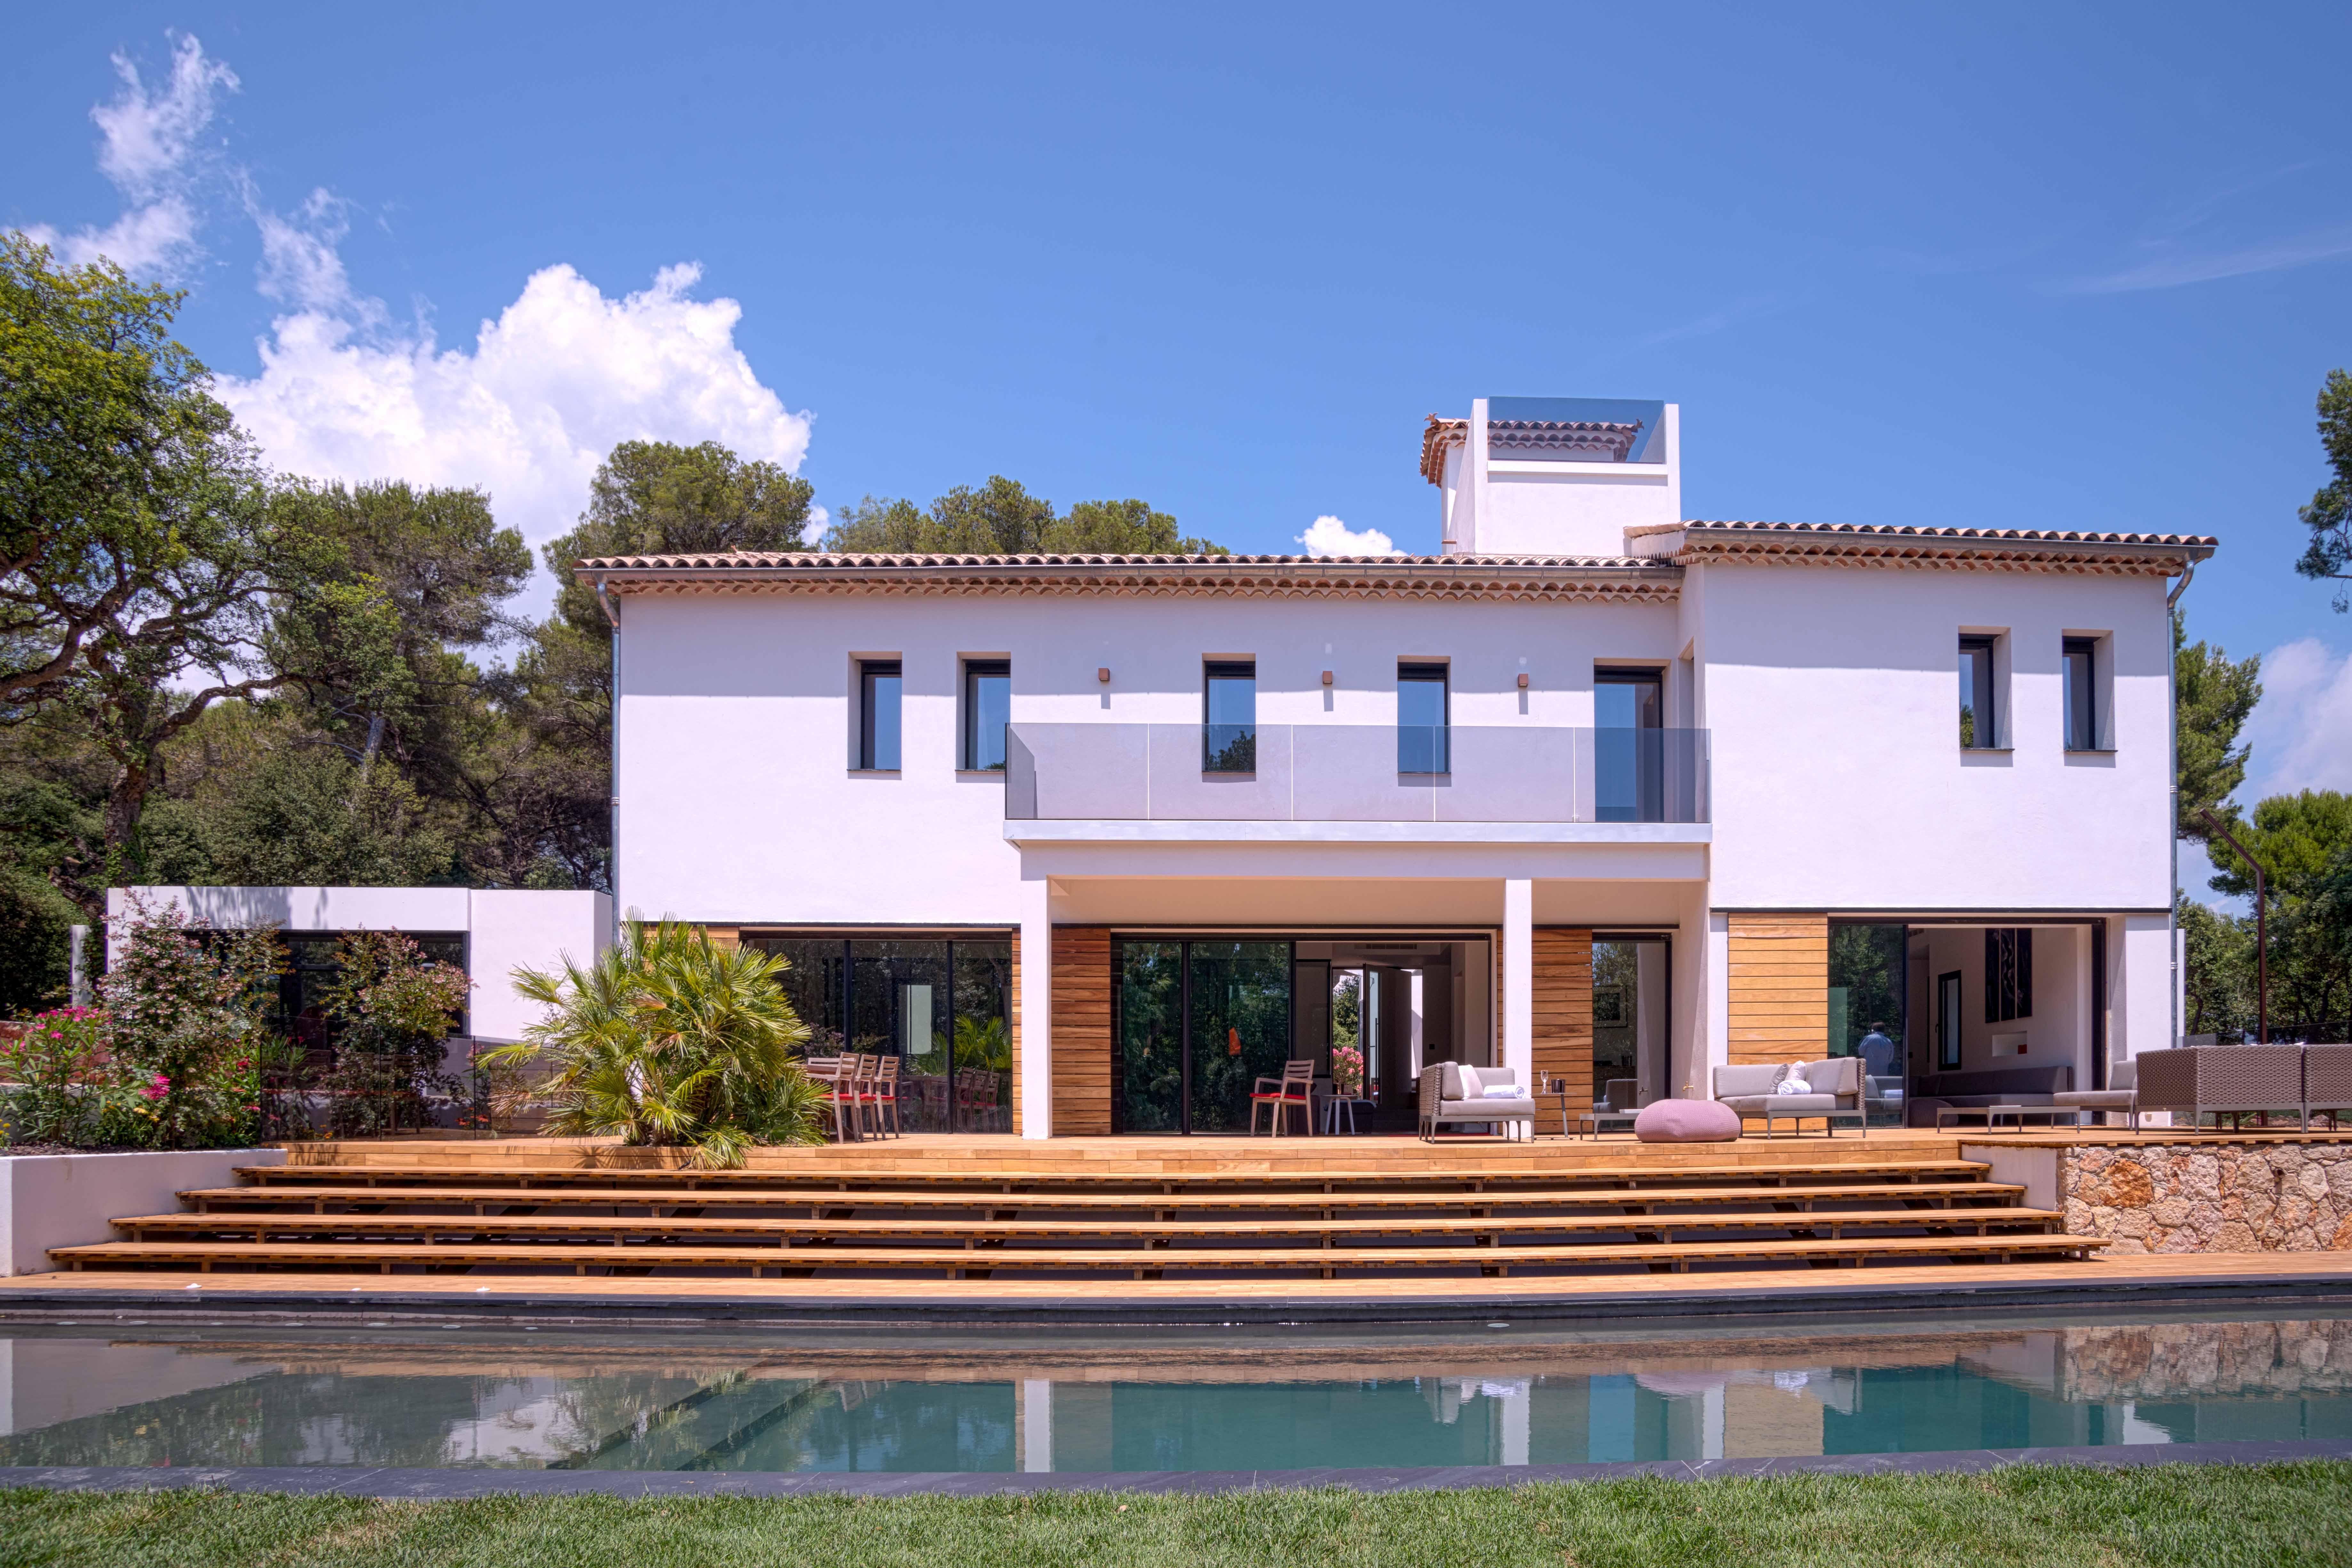 Photo facade villa moderne faades de maison design quon for Facade de maison moderne